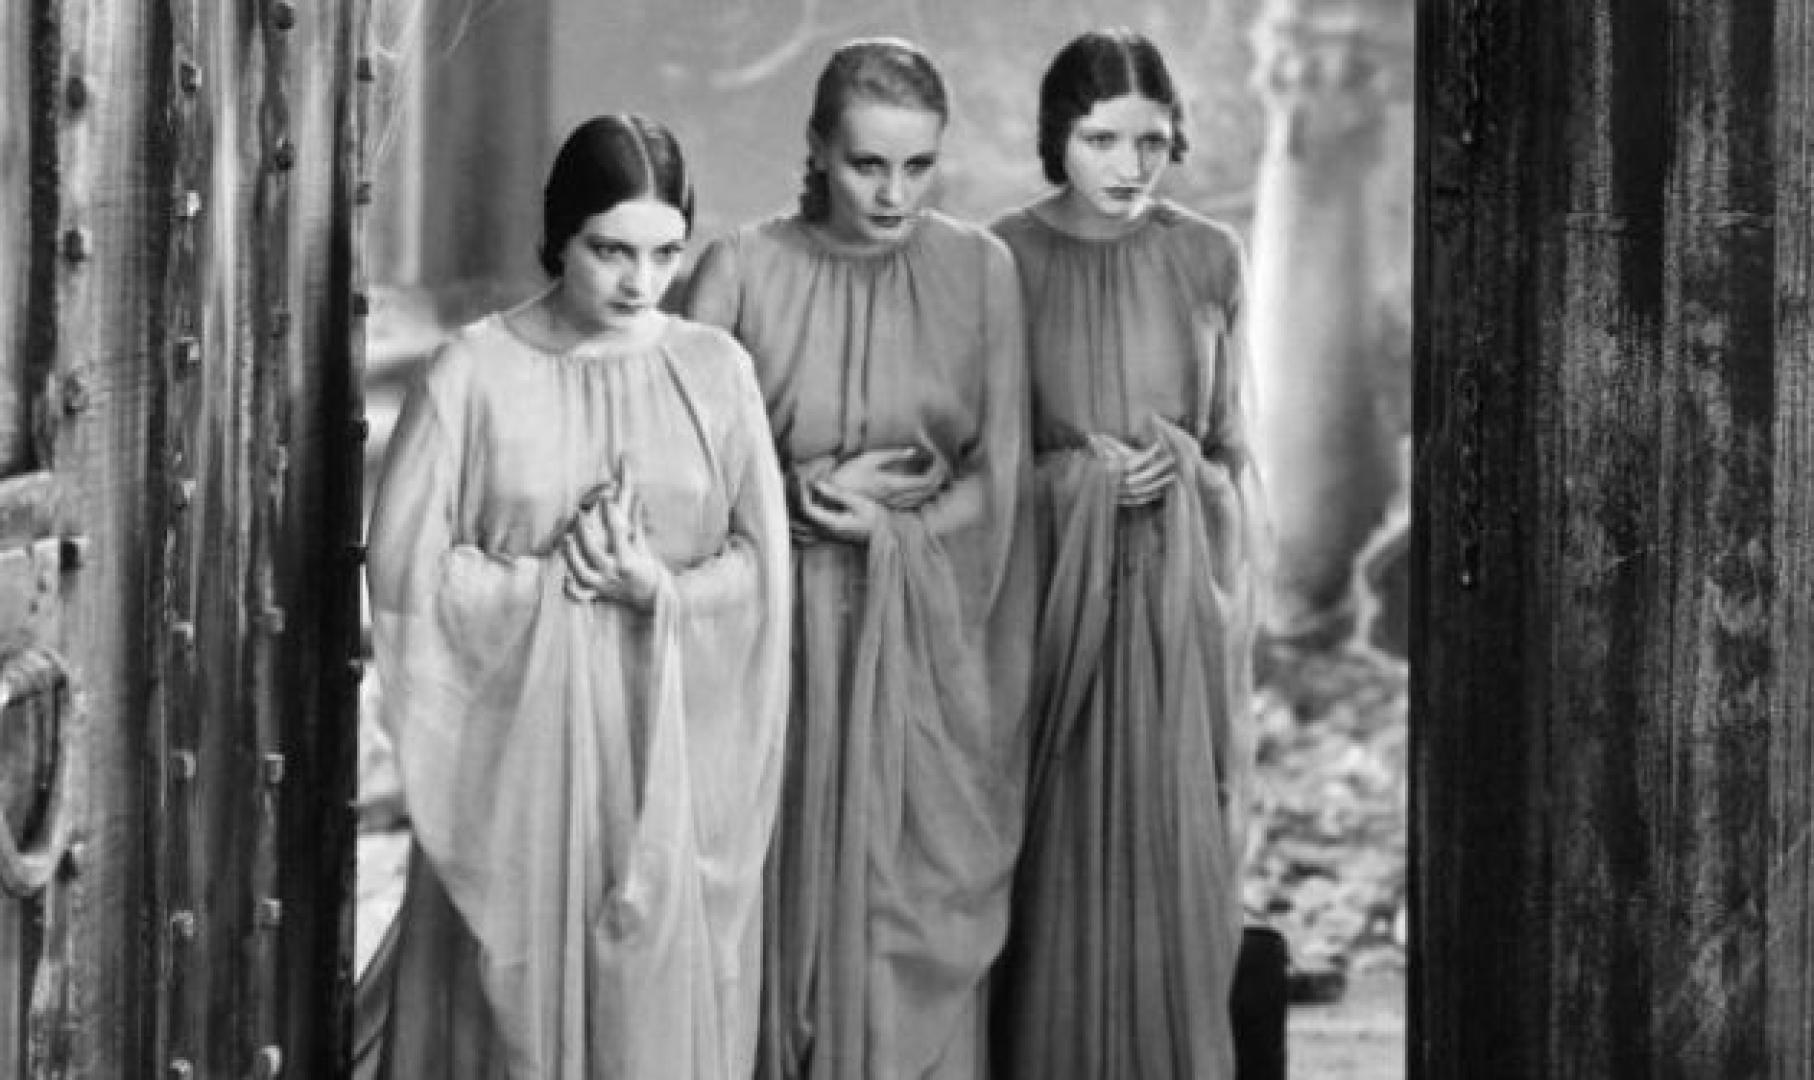 Az NBC-nél készül a Brides of Dracula sorozat